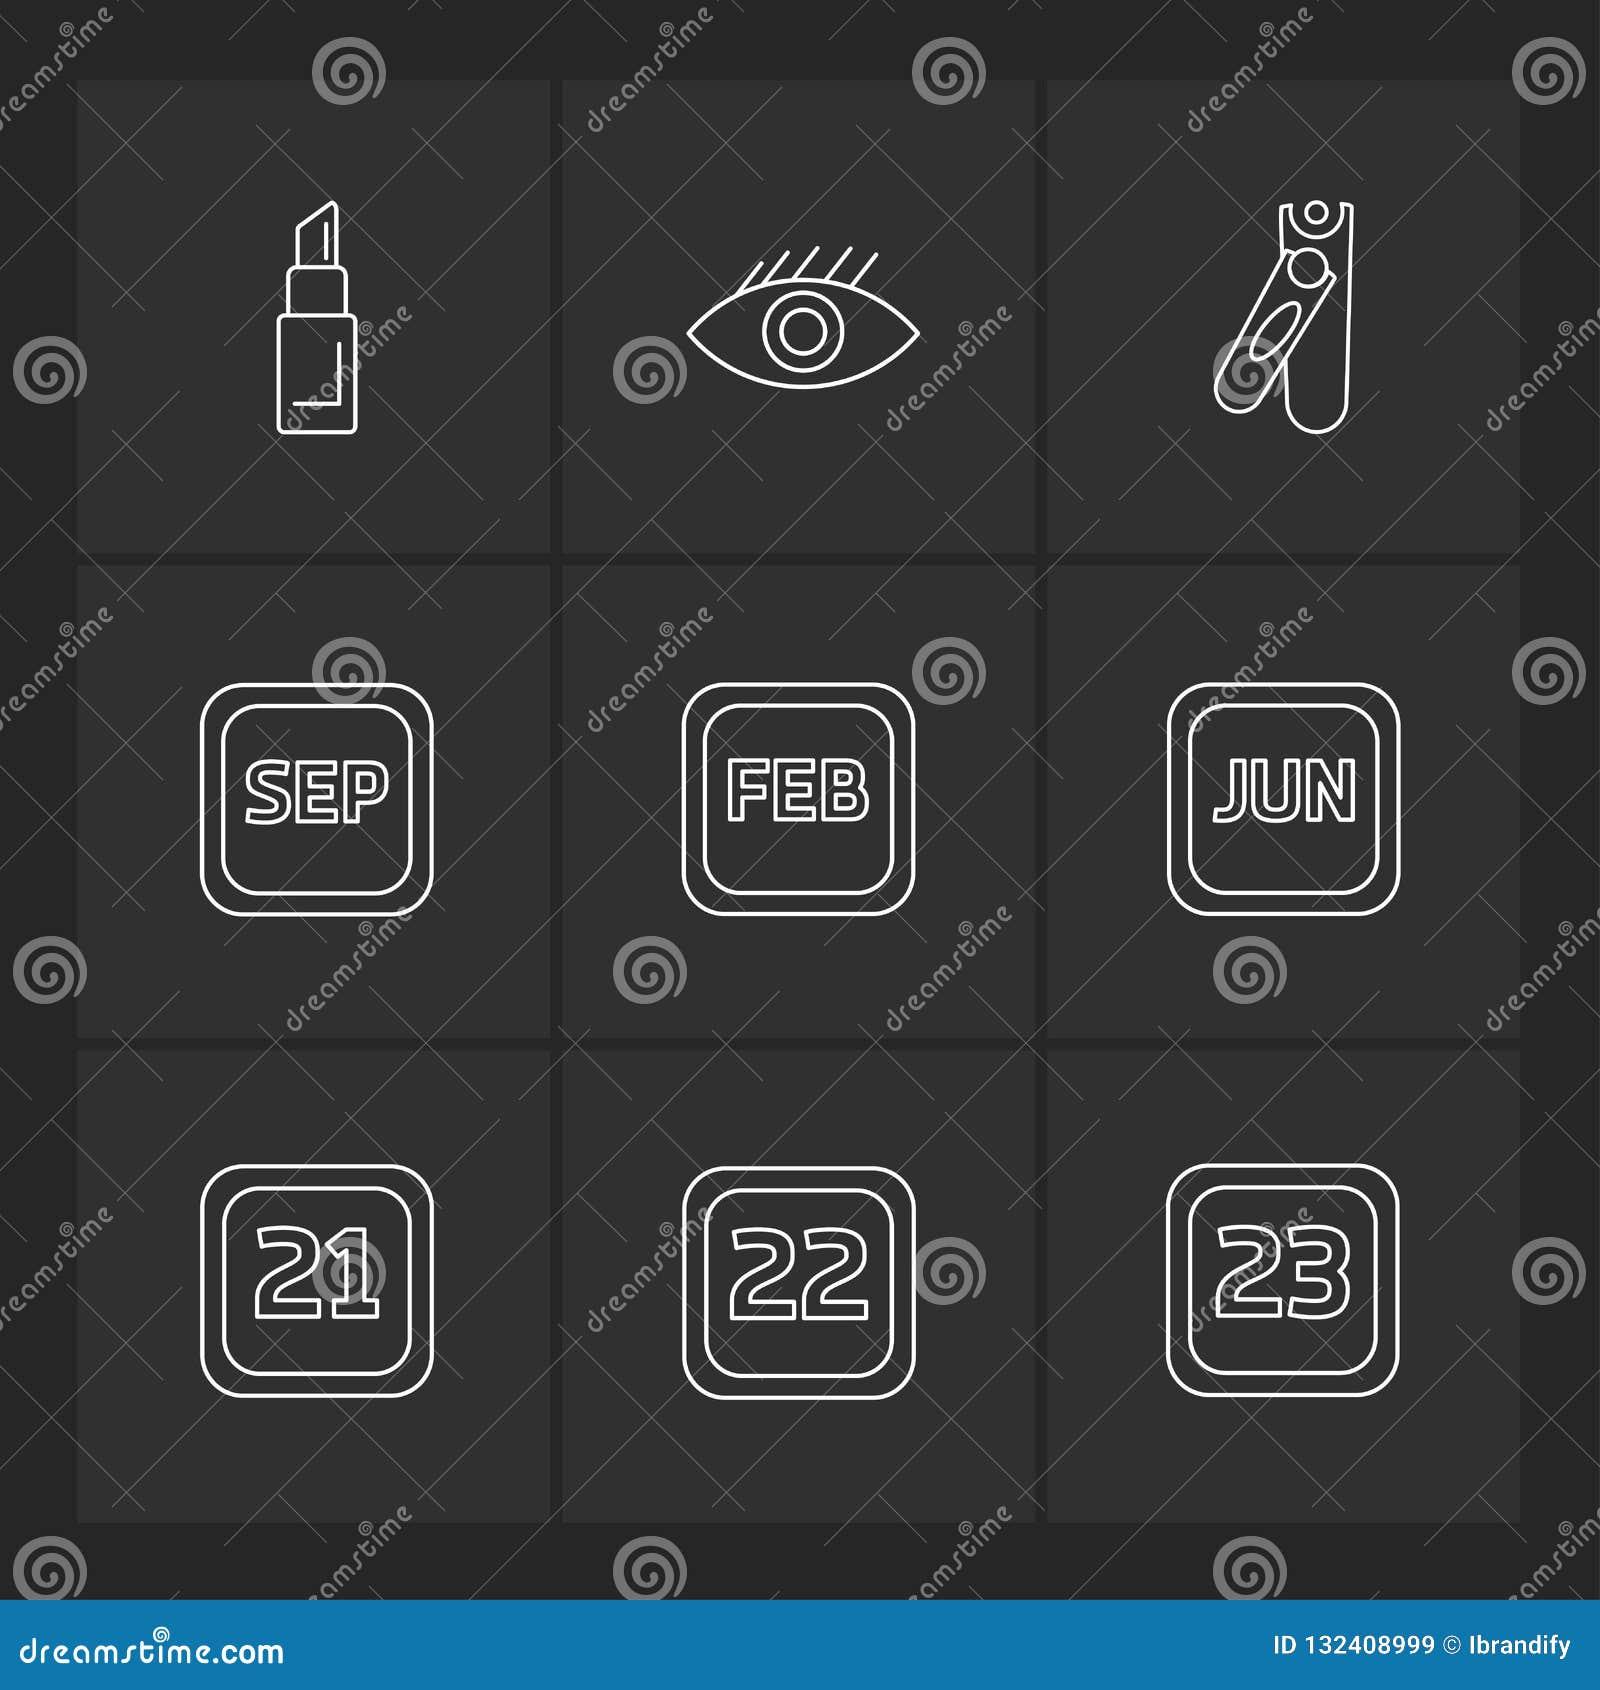 Oko, pomadka, nailcutter, kalendarz, miesiące, kosmetyki, hou